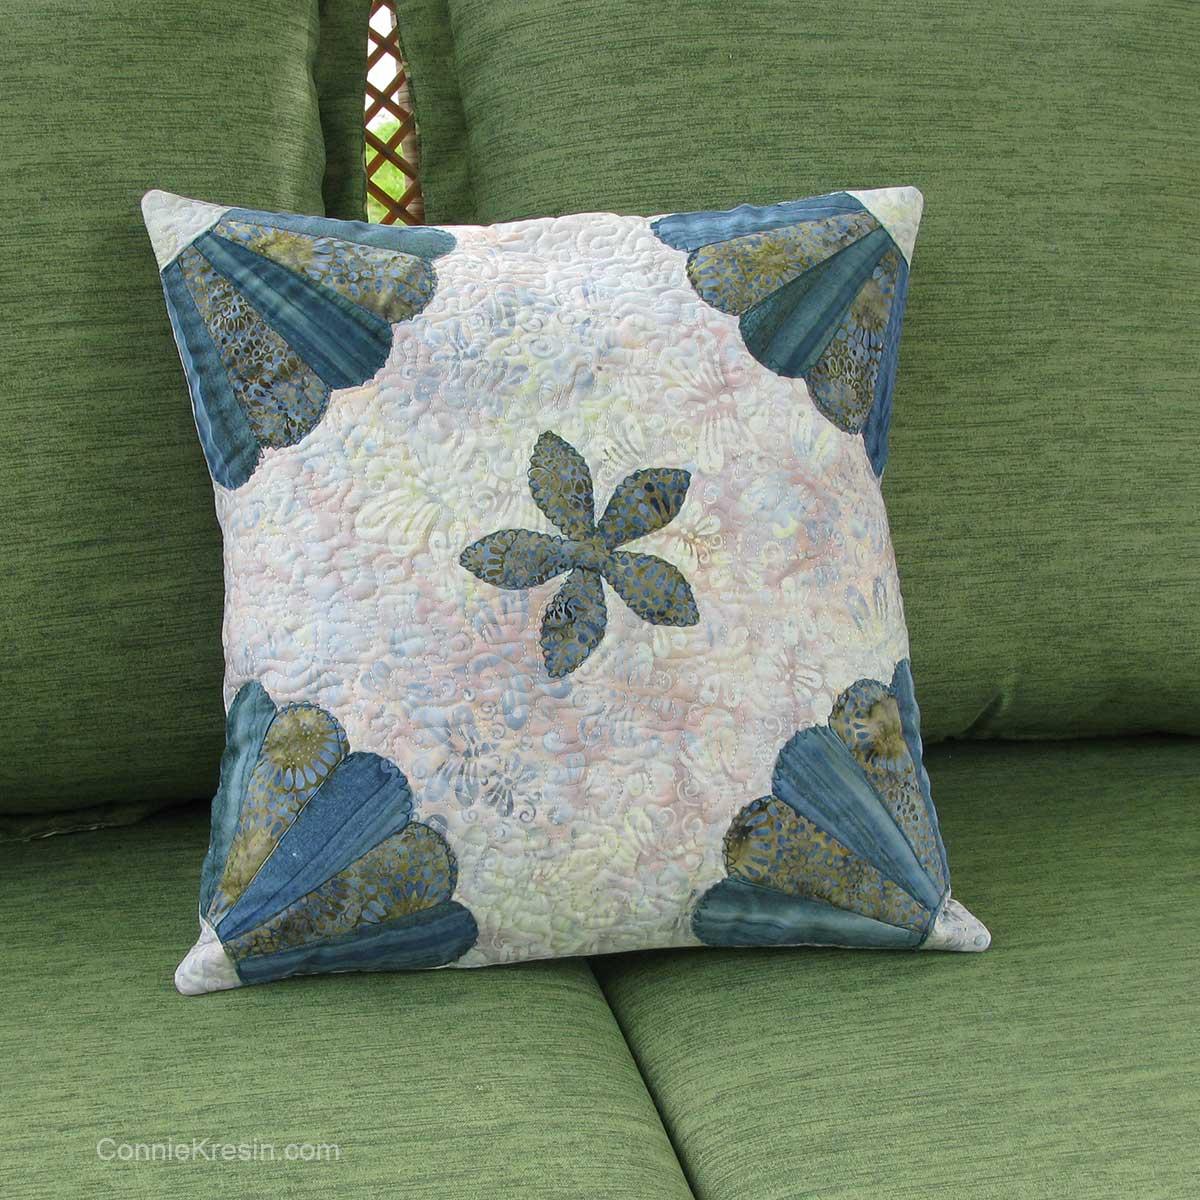 Dresden Flower pillow on deck chair closeup